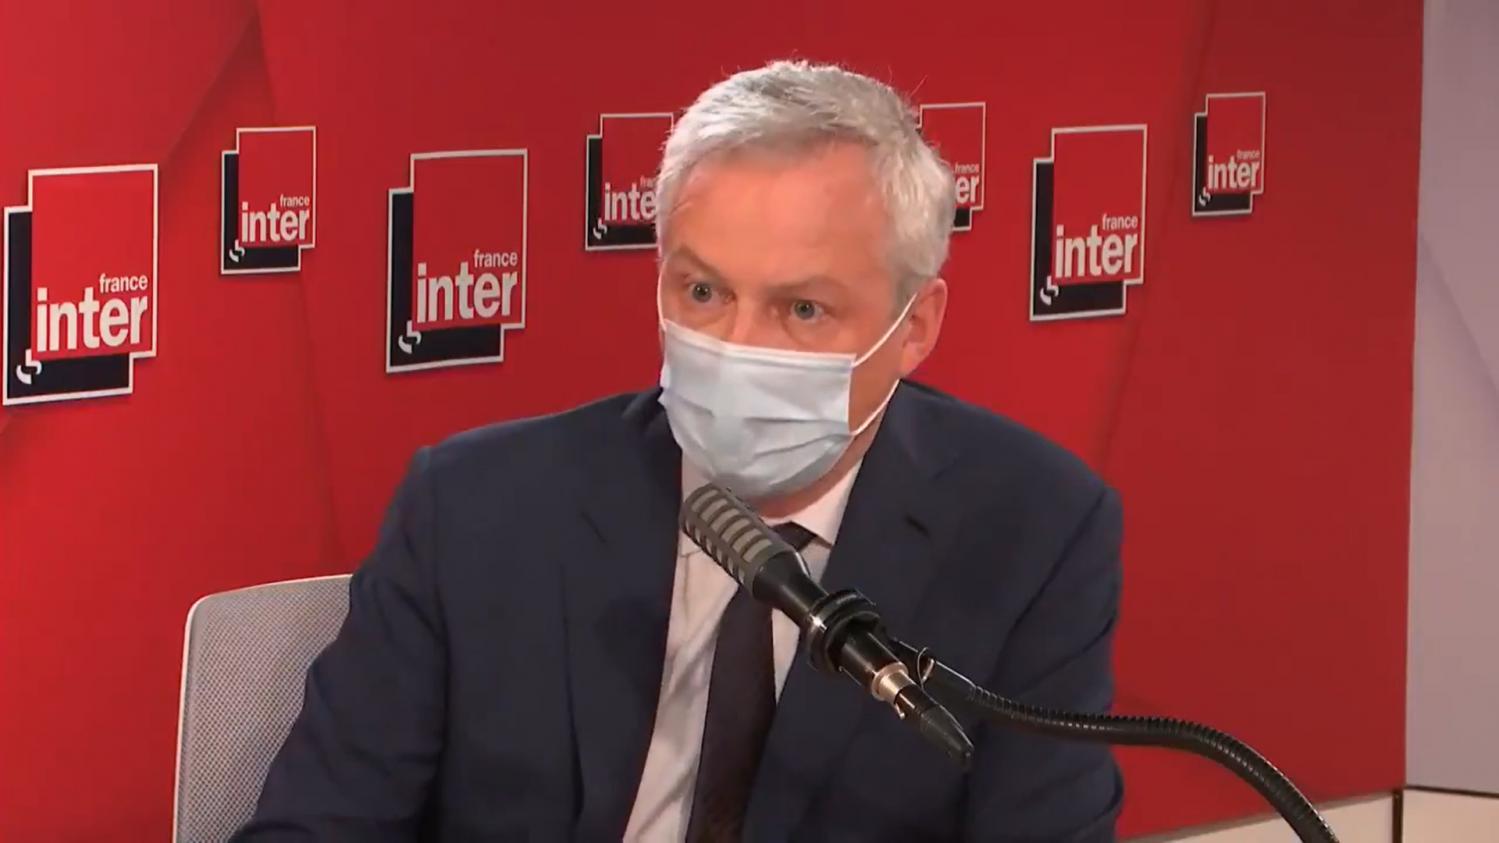 Beaucoup de secteurs peinent-ils à recruter, comme l'affirme Bruno Le Maire ?